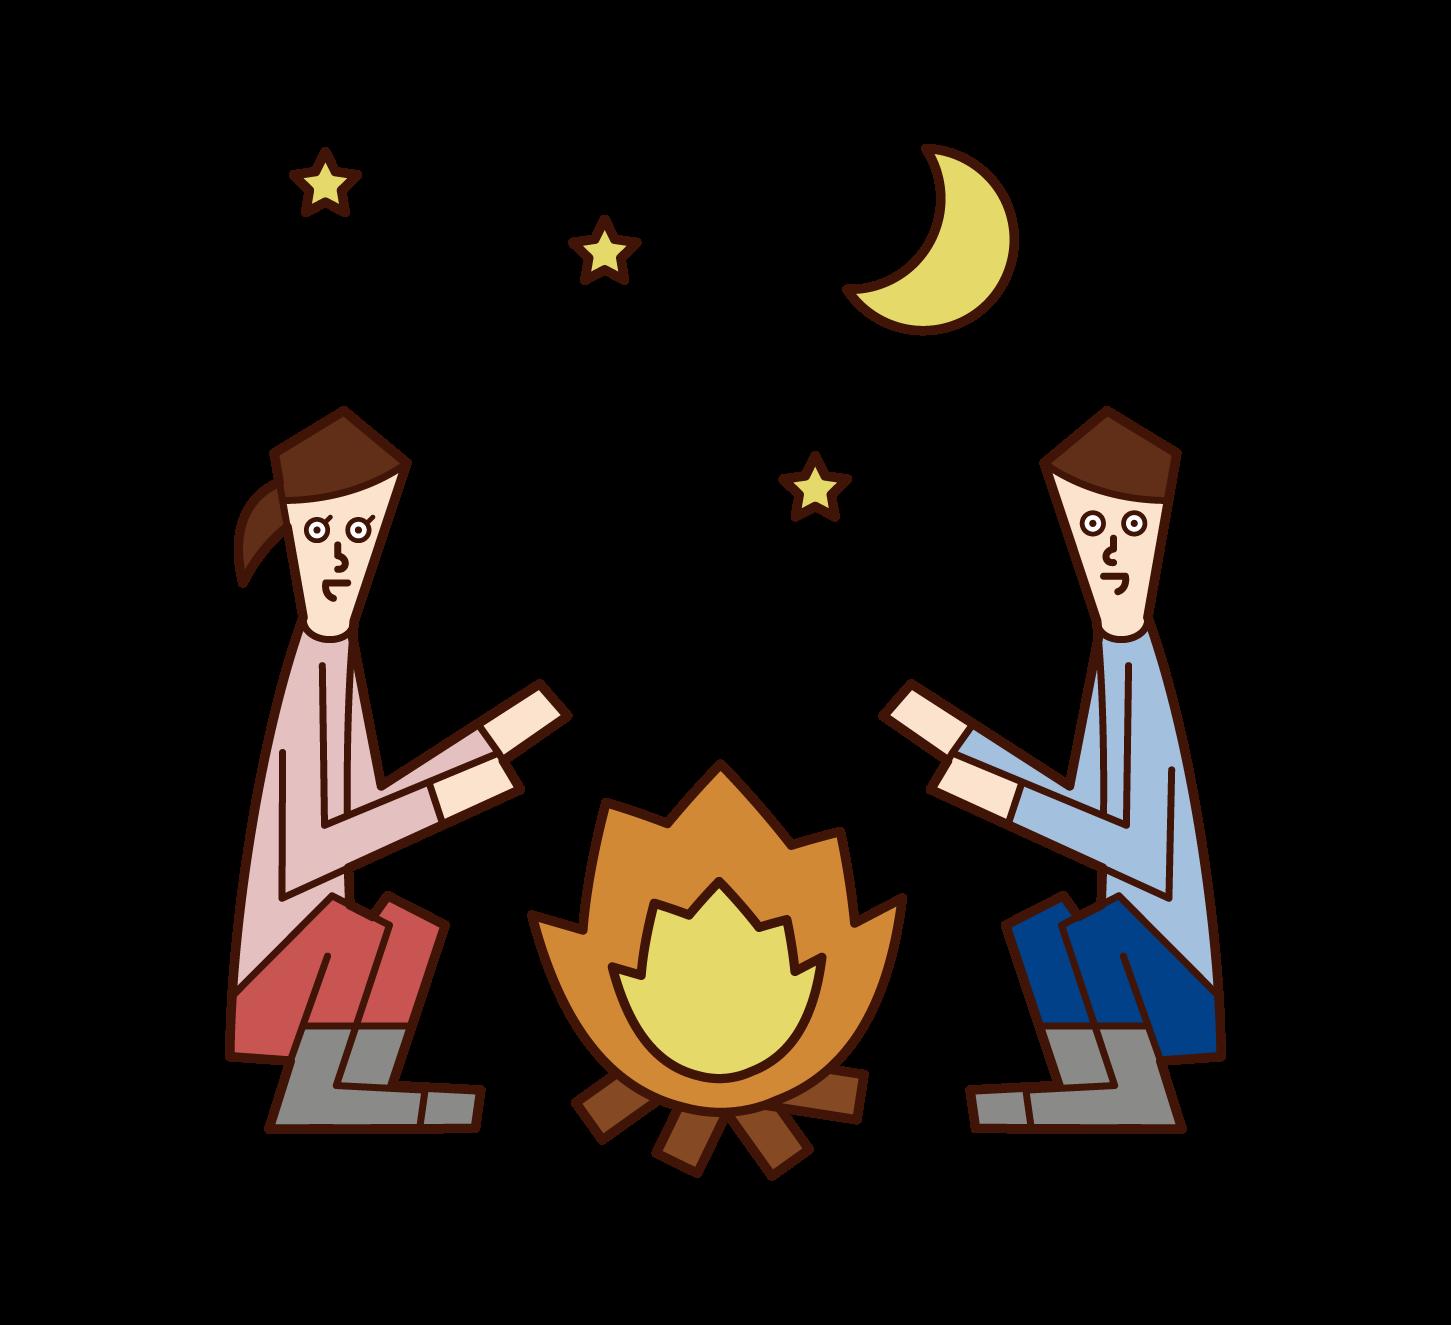 キャンプファイヤー・焚火のイラスト